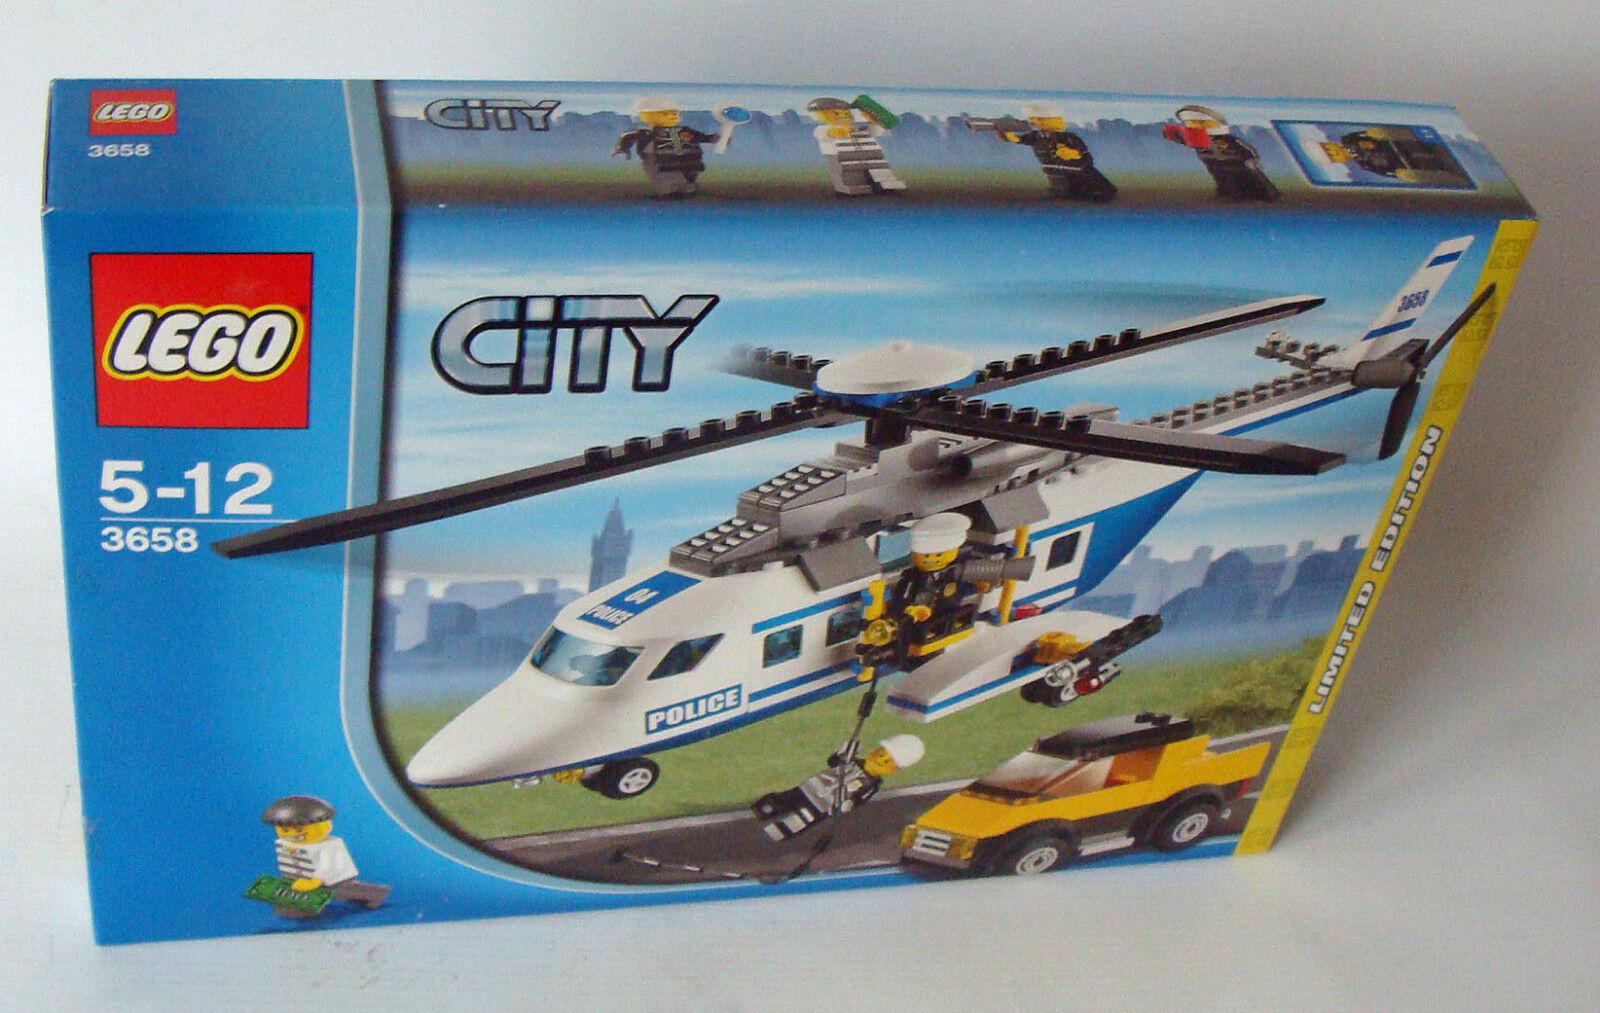 Lego® City 3658 - Polizei Helikopter 237 Teile 5-12 Jahren Jahren Jahren - Neu 025a3b